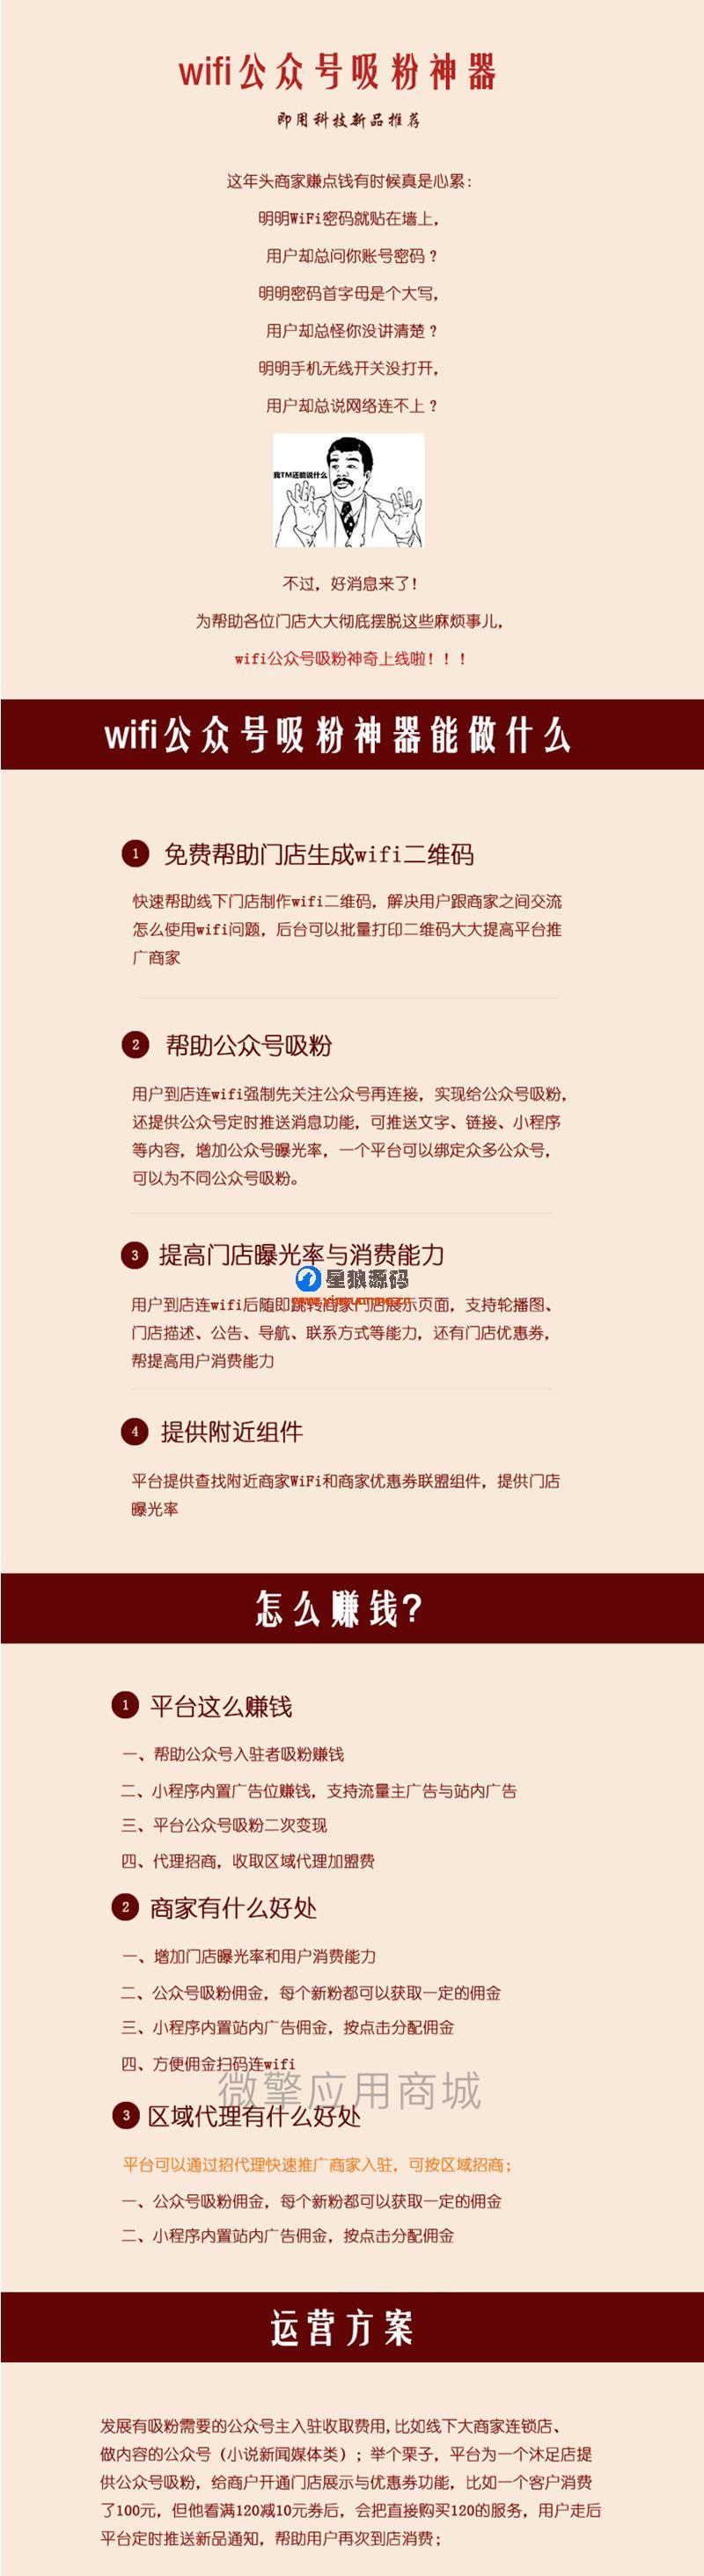 【微信小程序】wifi公众号吸粉神器1.9.1 第1张